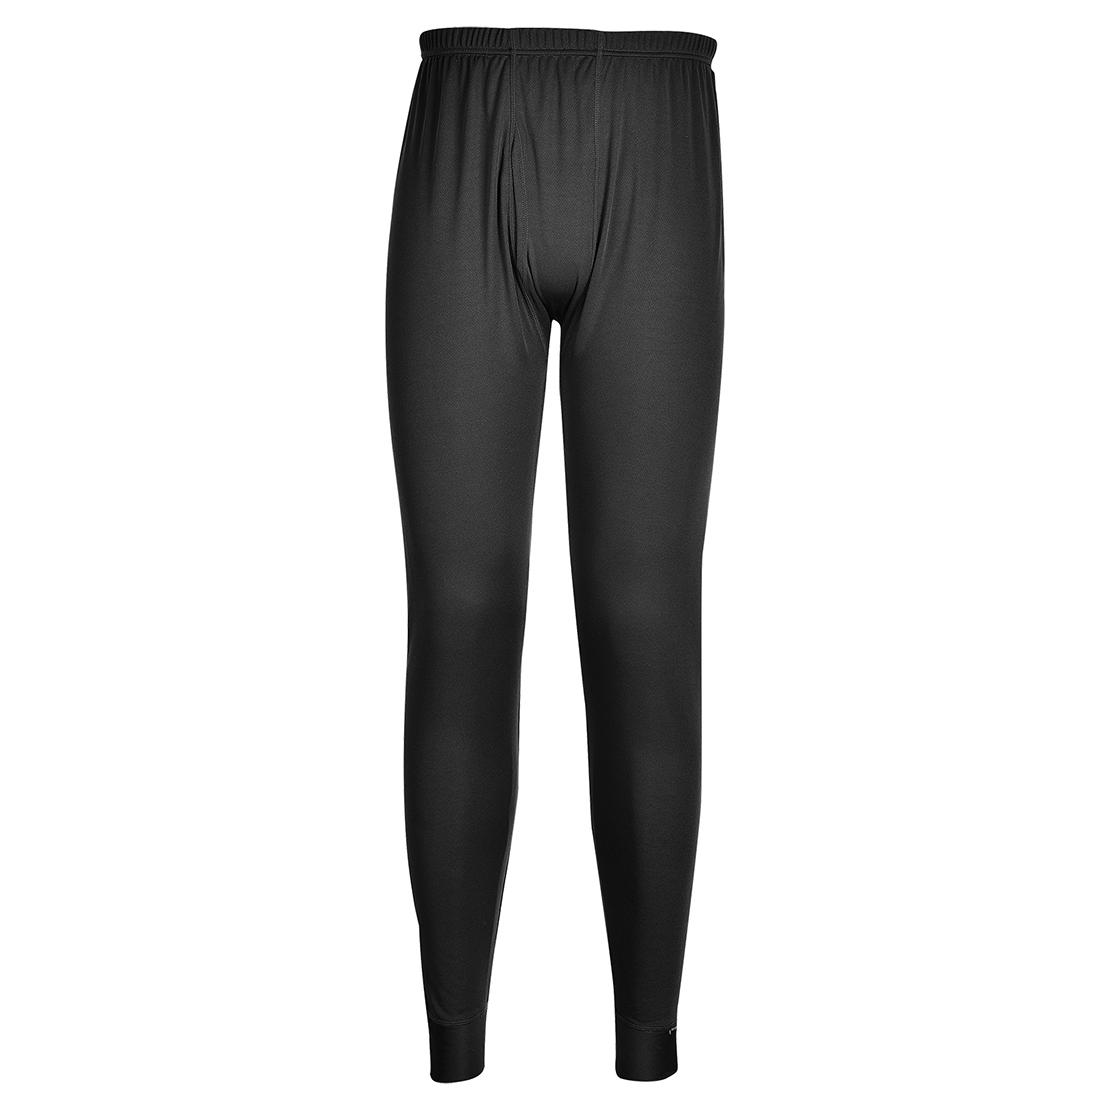 Portwest Thermal Baselayer Leggings - B131